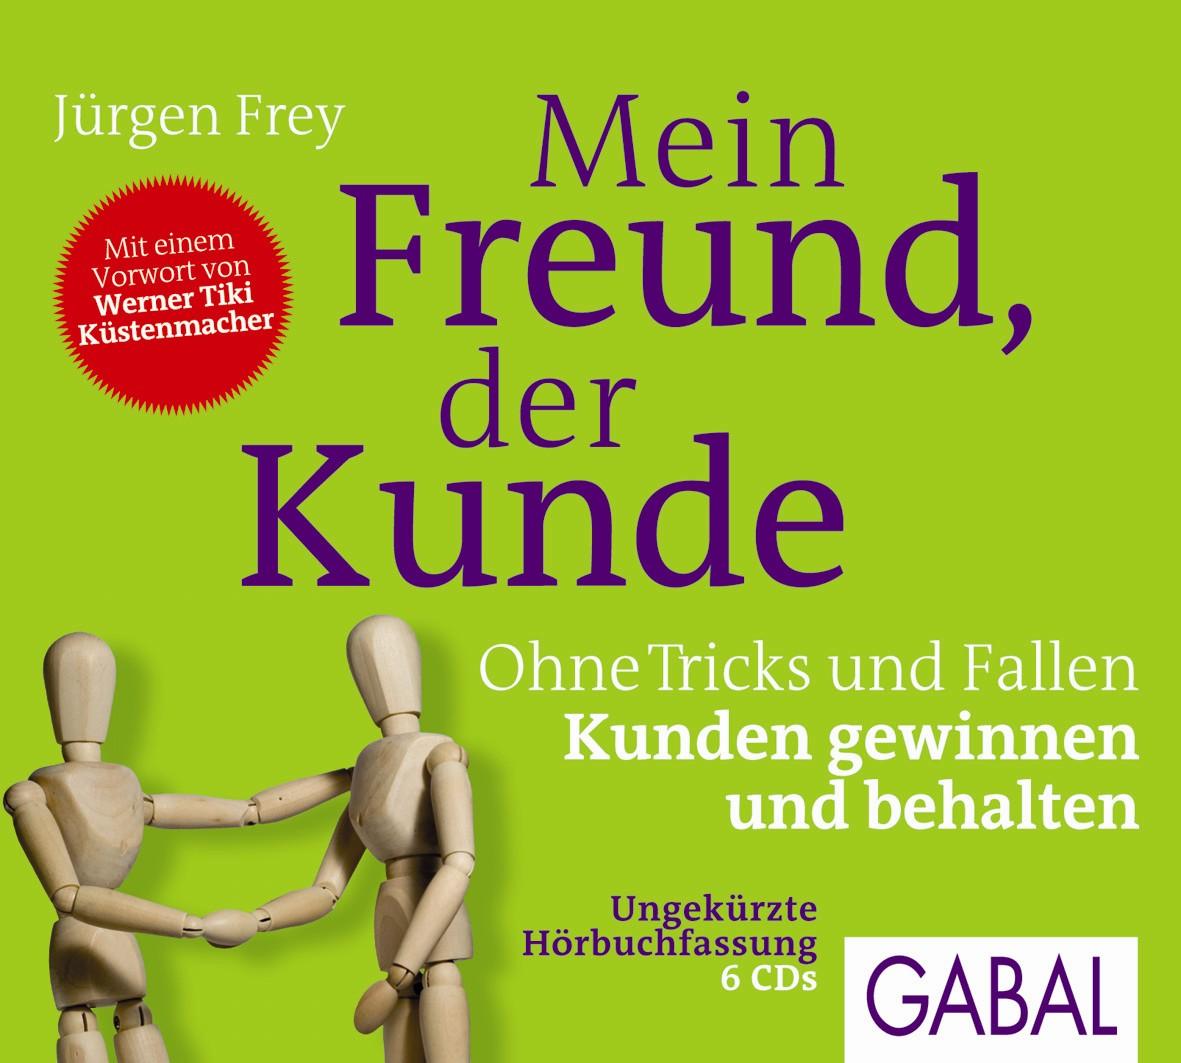 Mein Freund, der Kunde: Ohne Tricks und Fallen Kunden gewinnen und behalten - Jürgen Frey [6 Audio CDs]